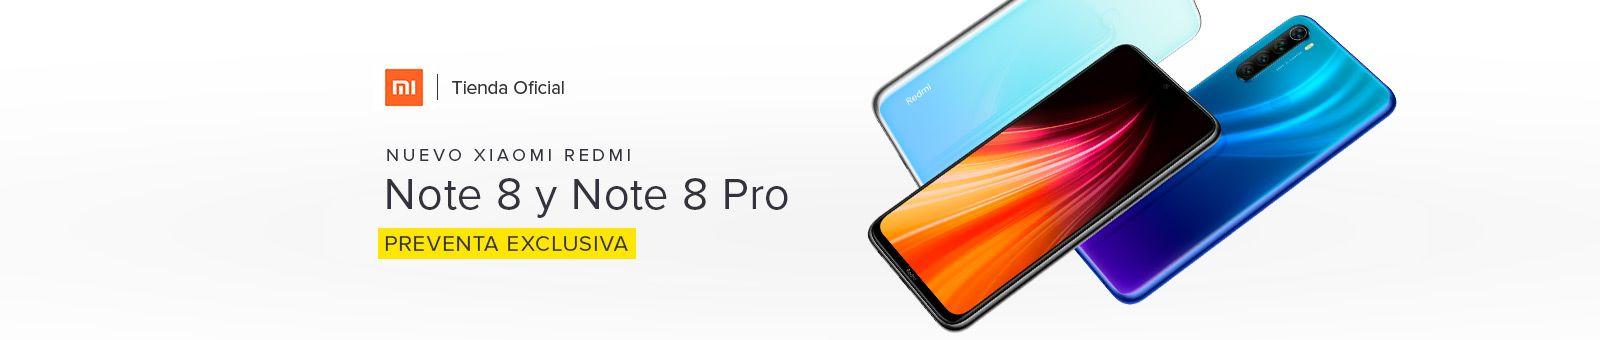 Preventa Xiaomi